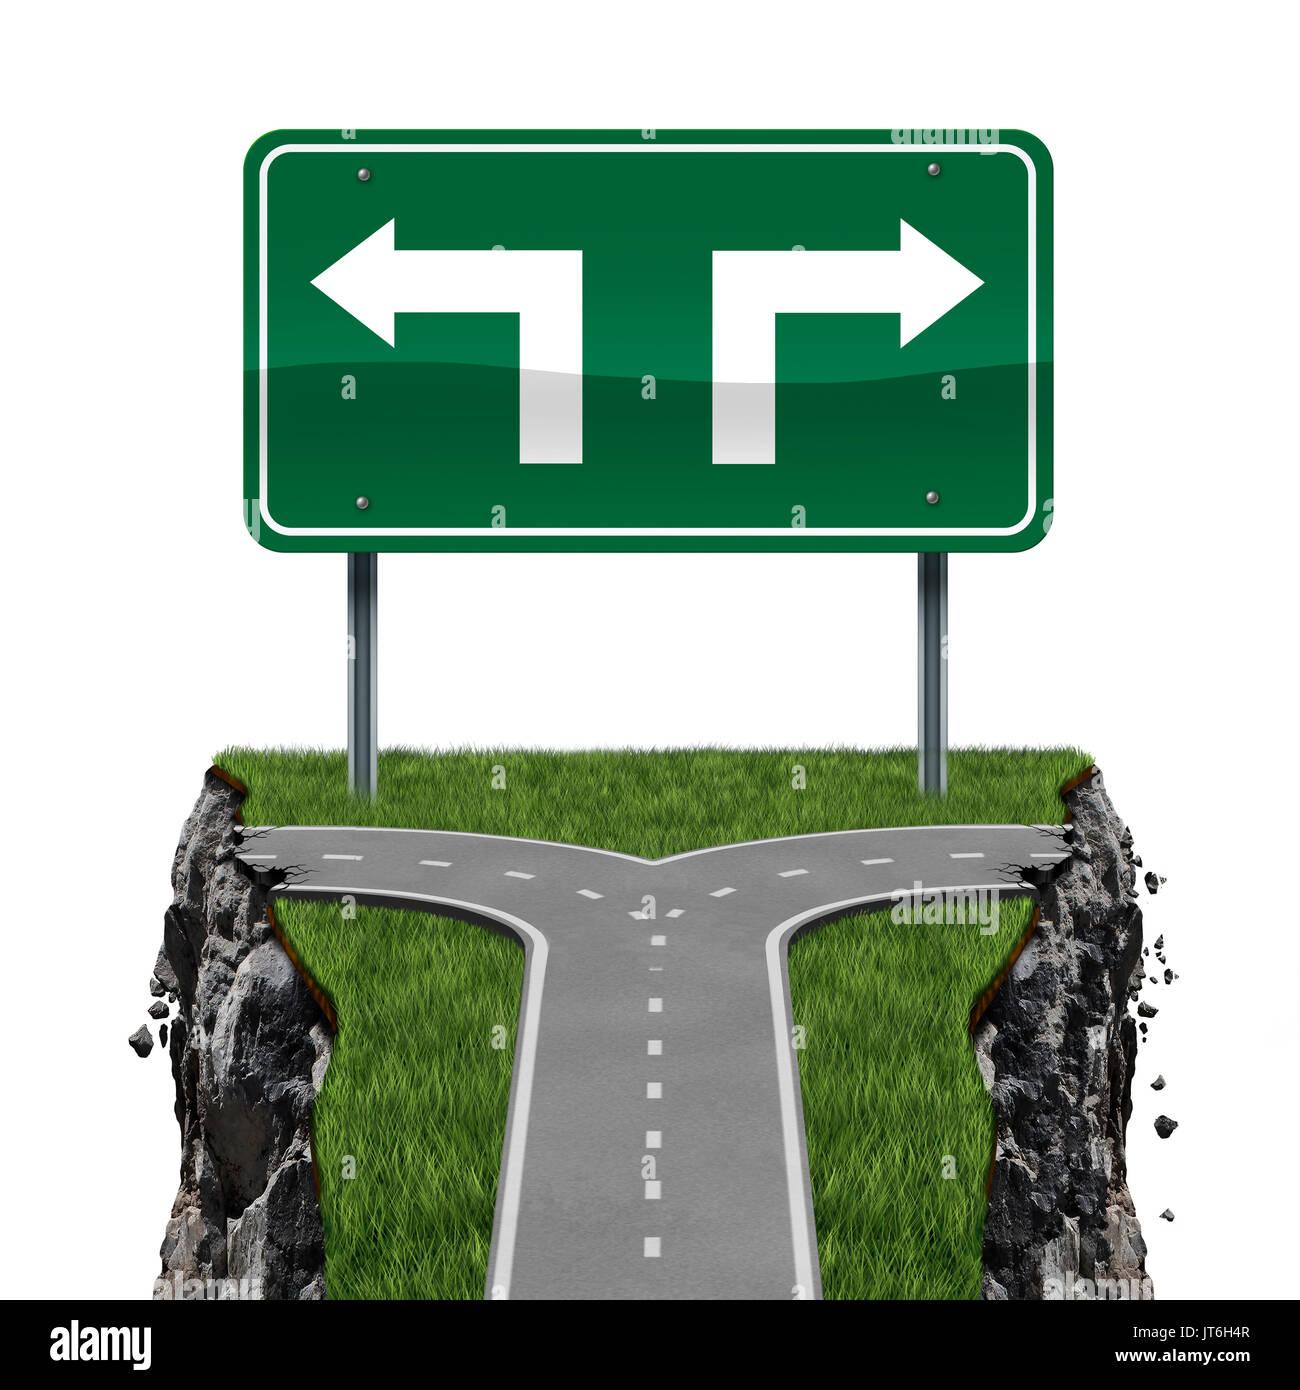 Impossibile opzioni del concetto di business e di raggiungere un vicolo cieco come un cross road o il bivio che conduce ad una mancanza di opportunità. Immagini Stock